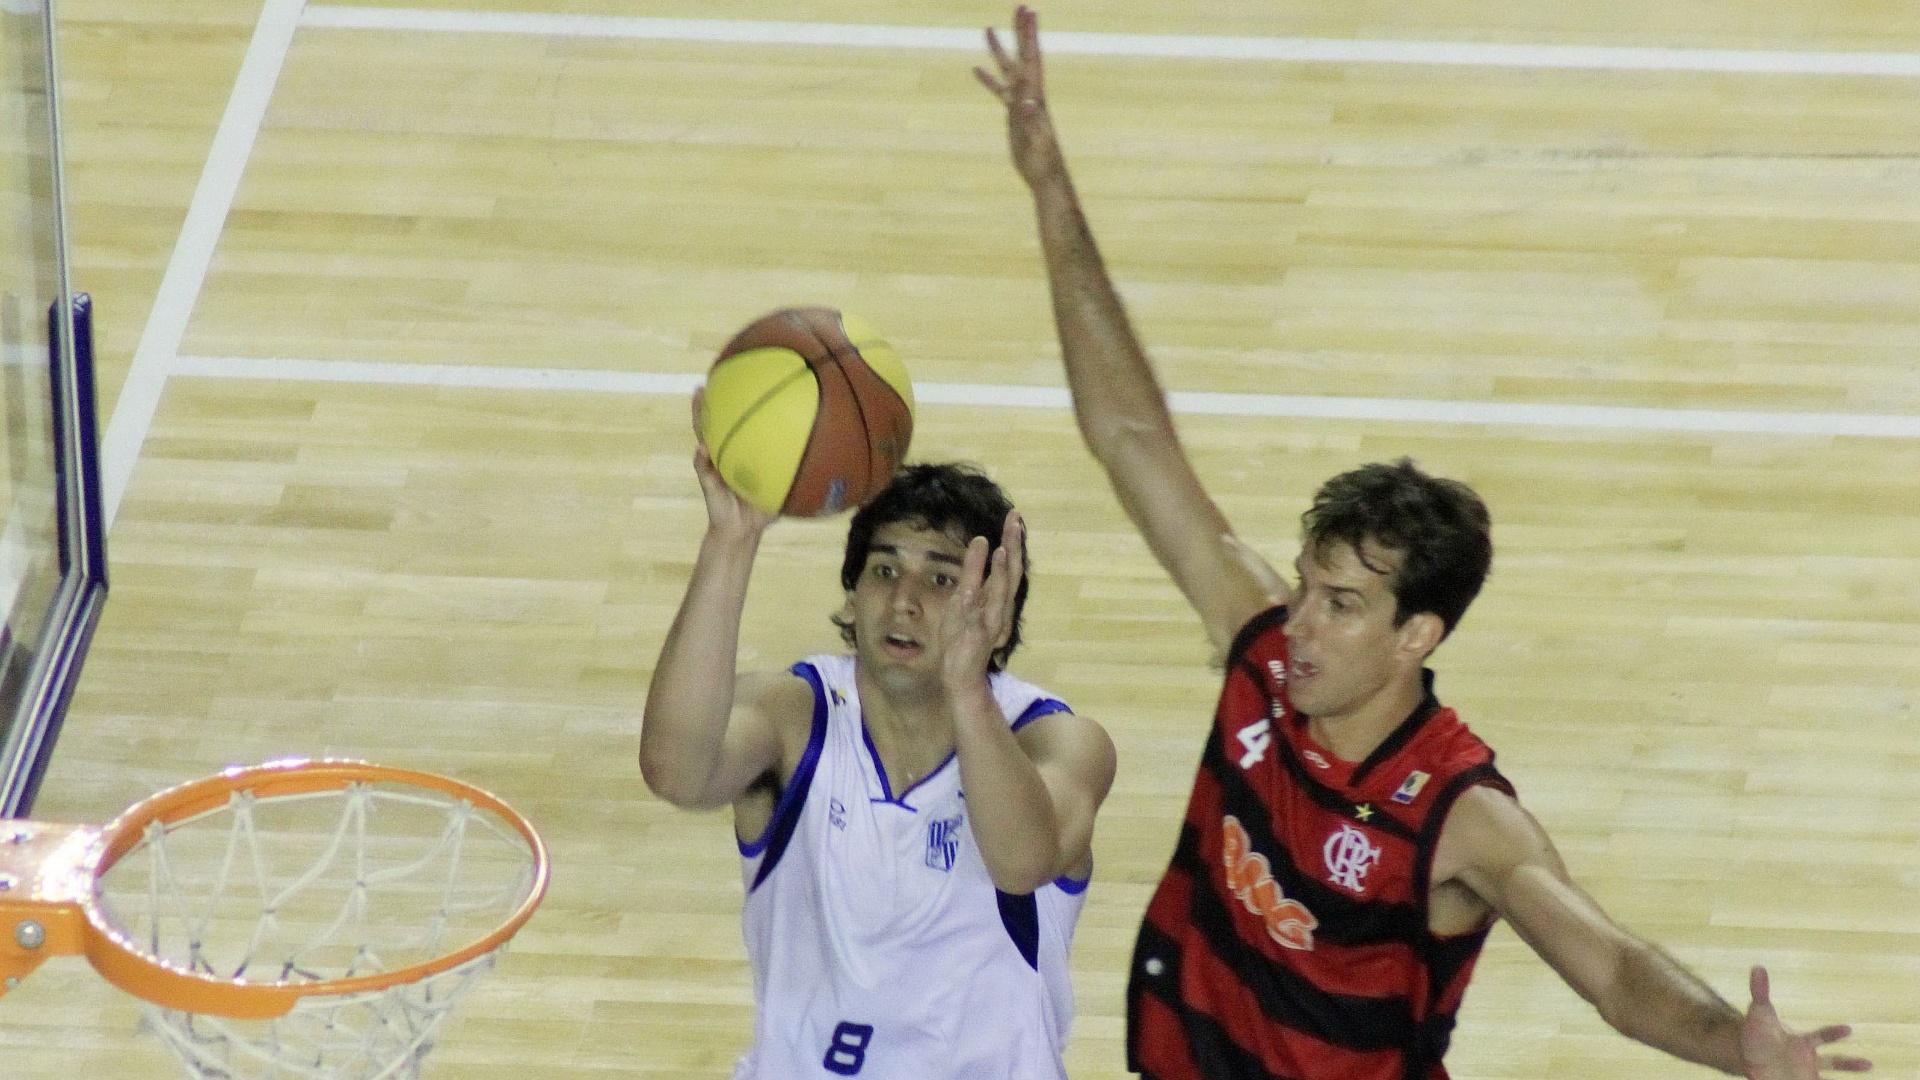 O argentino Luciano Gonzalez marcou 11 pontos para o Minas enquanto Marcelinho foi cestinha da partida, com 26 pontos.